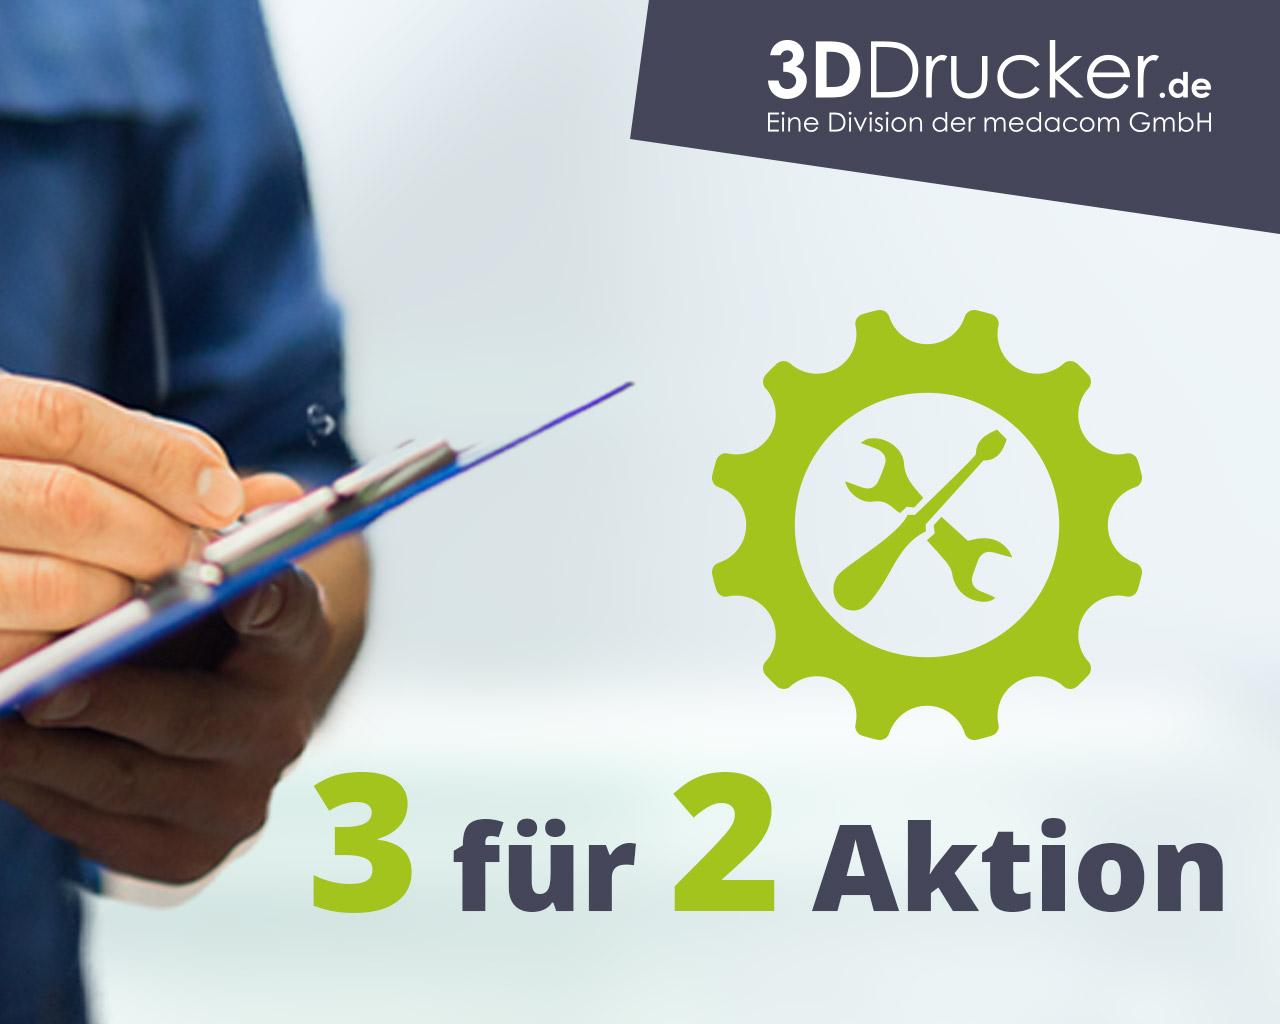 3D Druck Angebot | 3 für 2 Aktion